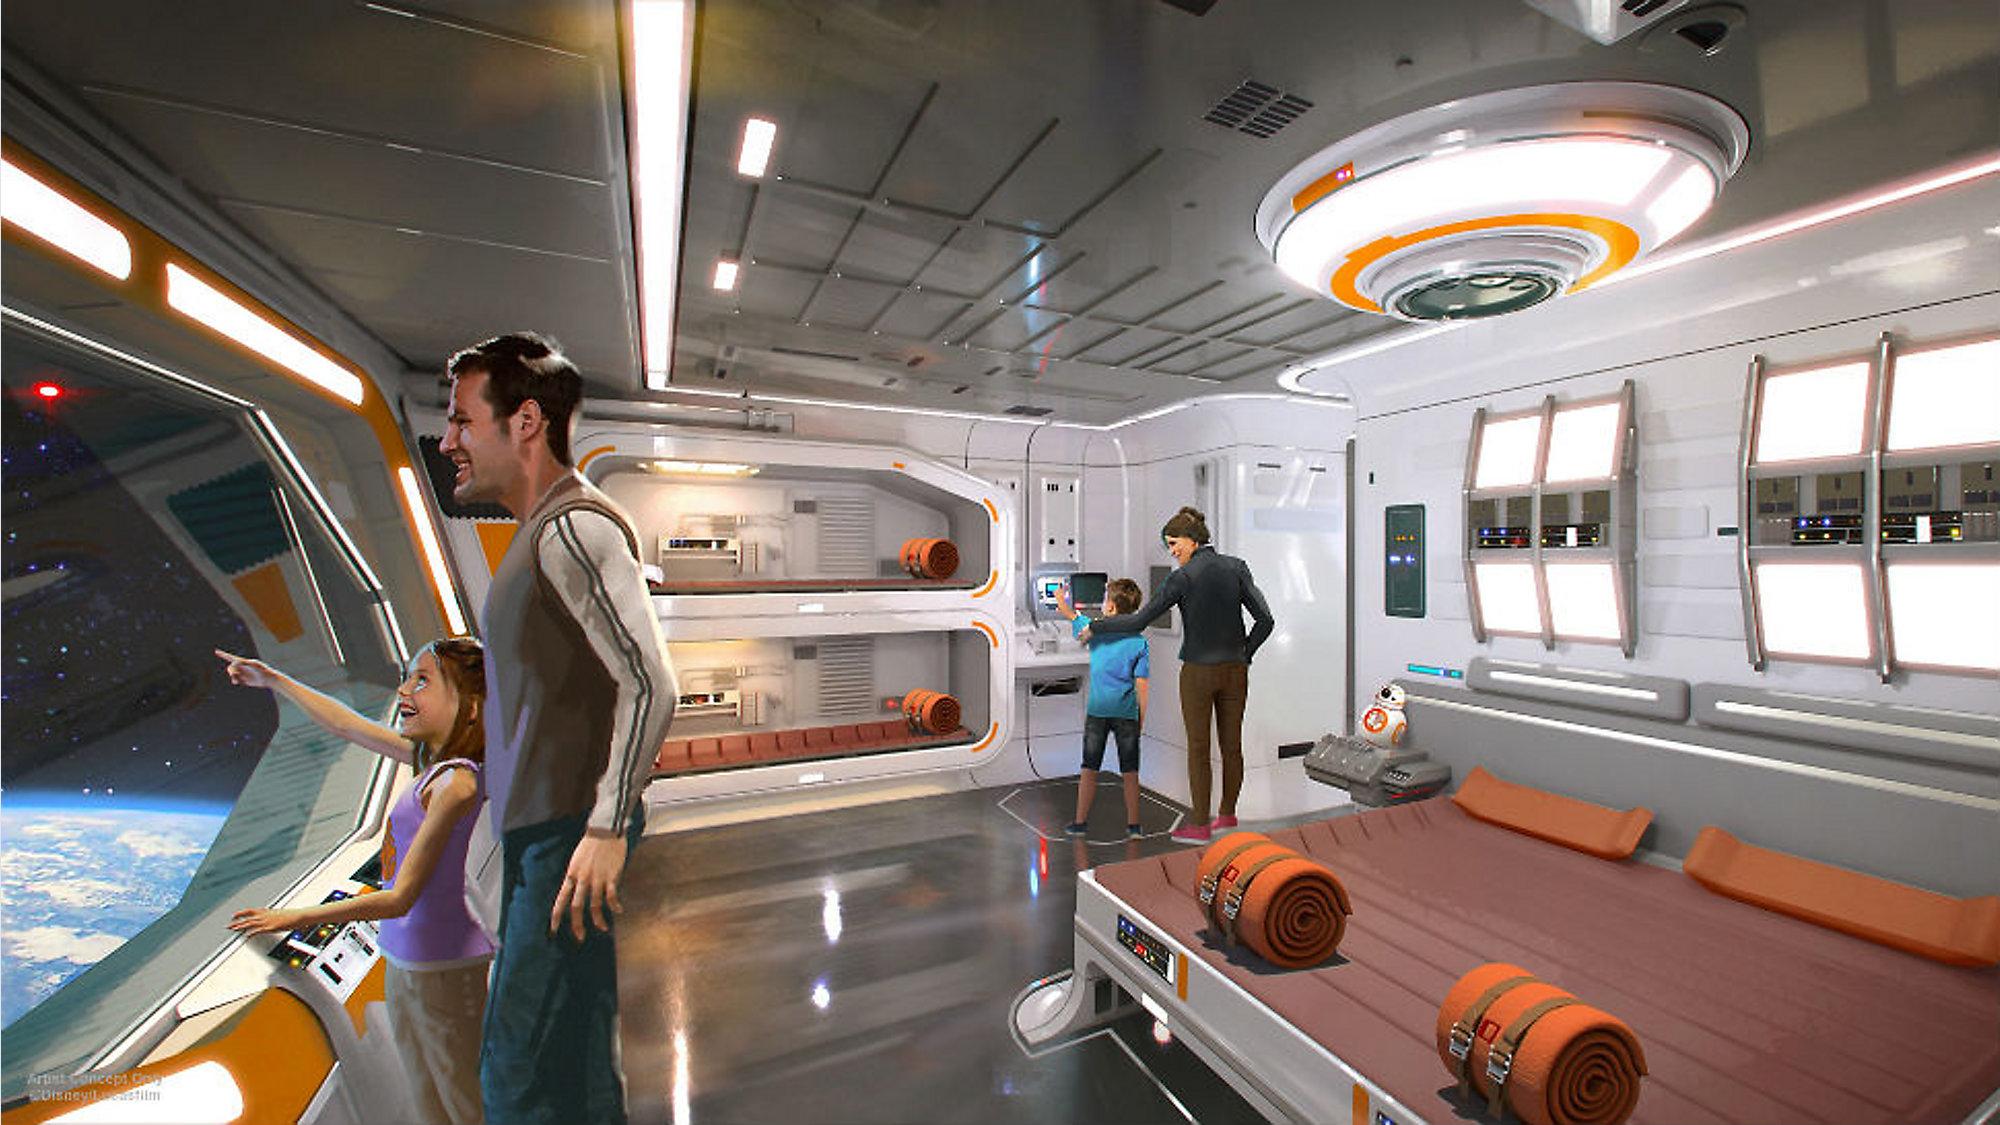 Image result for star wars hotel concept art